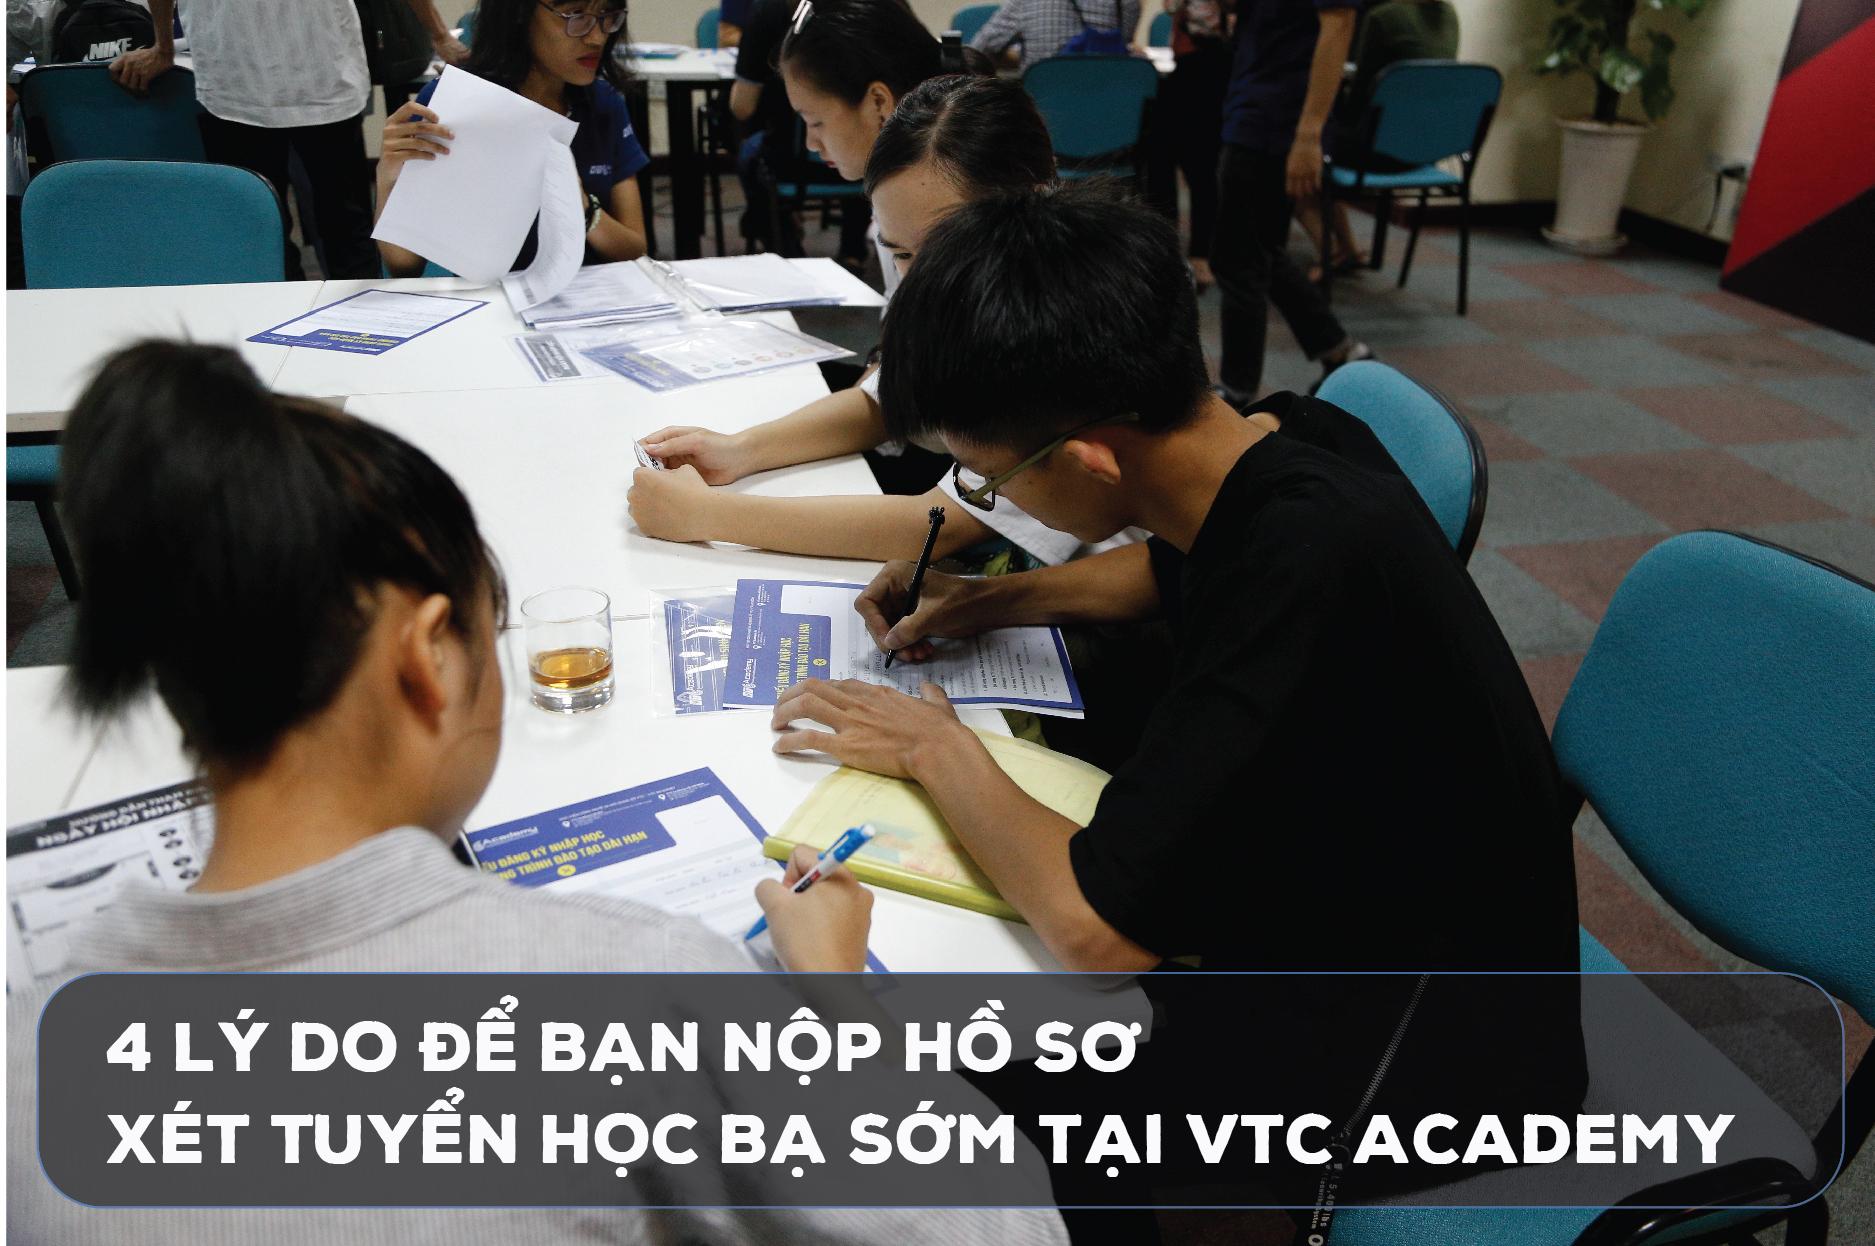 4 lý do để bạn nộp hồ sơ xét tuyển học bạ sớm tại VTC Academy